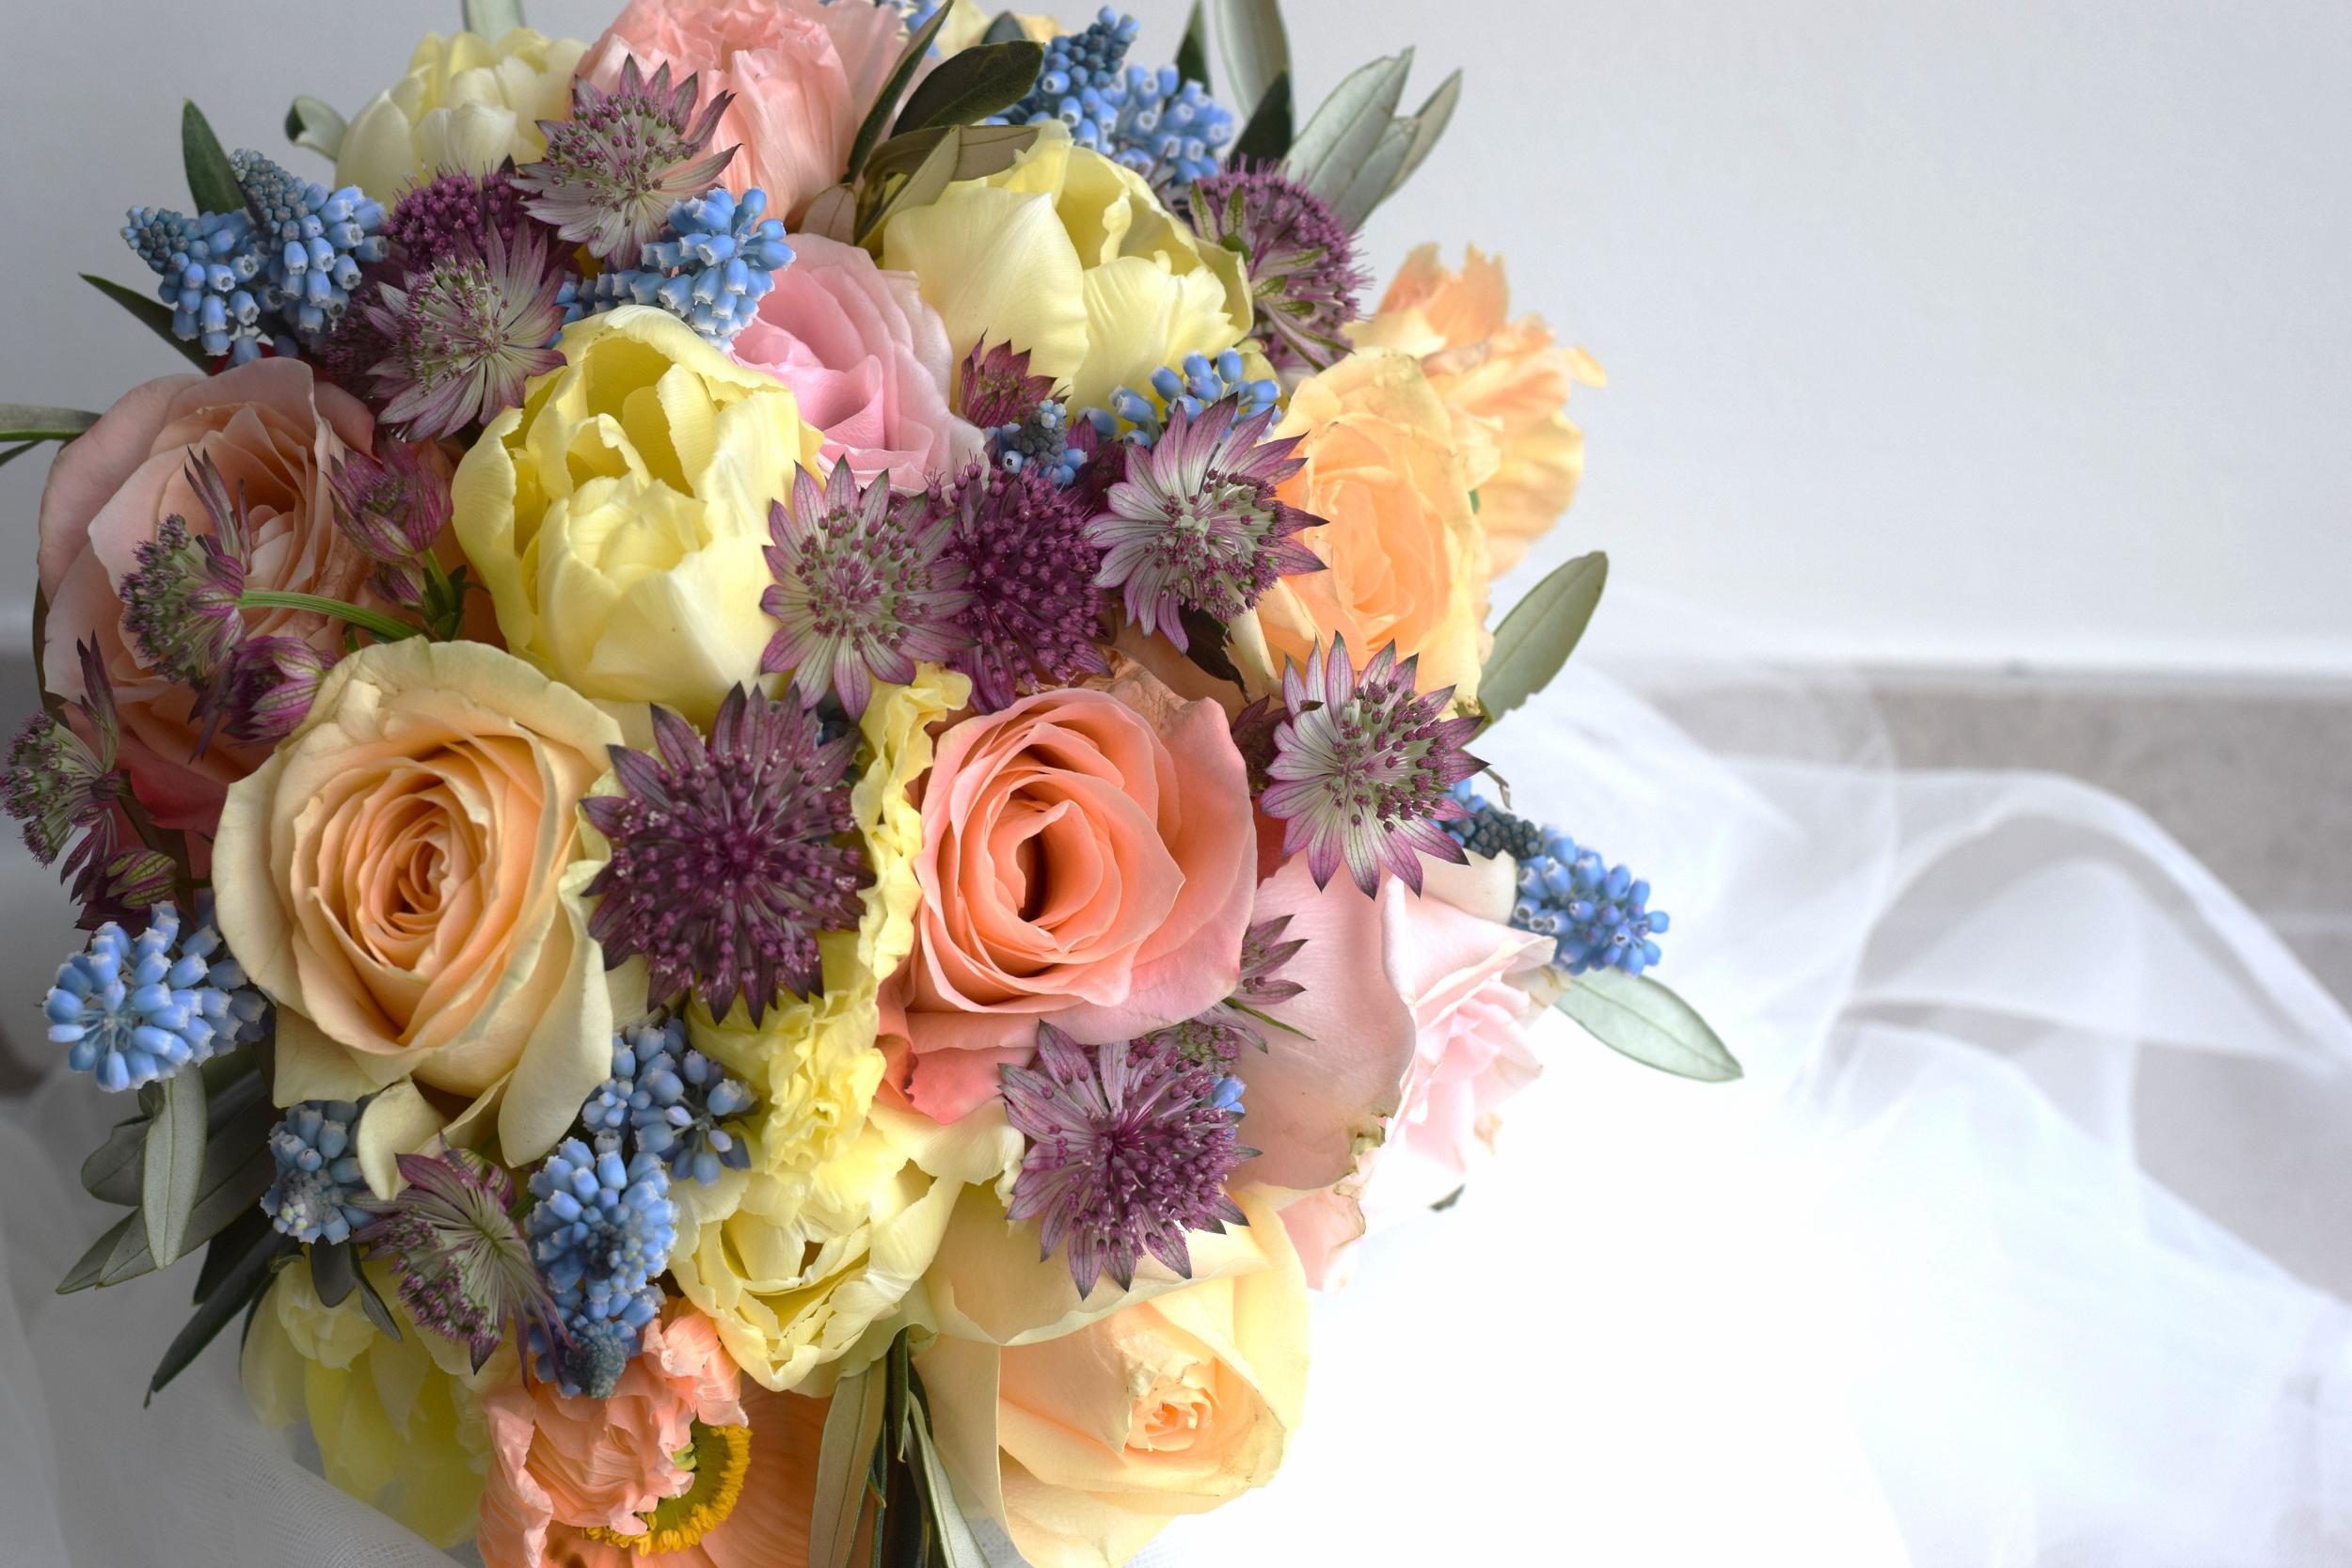 Bruids bloemwerk - Degrootebloemen.be